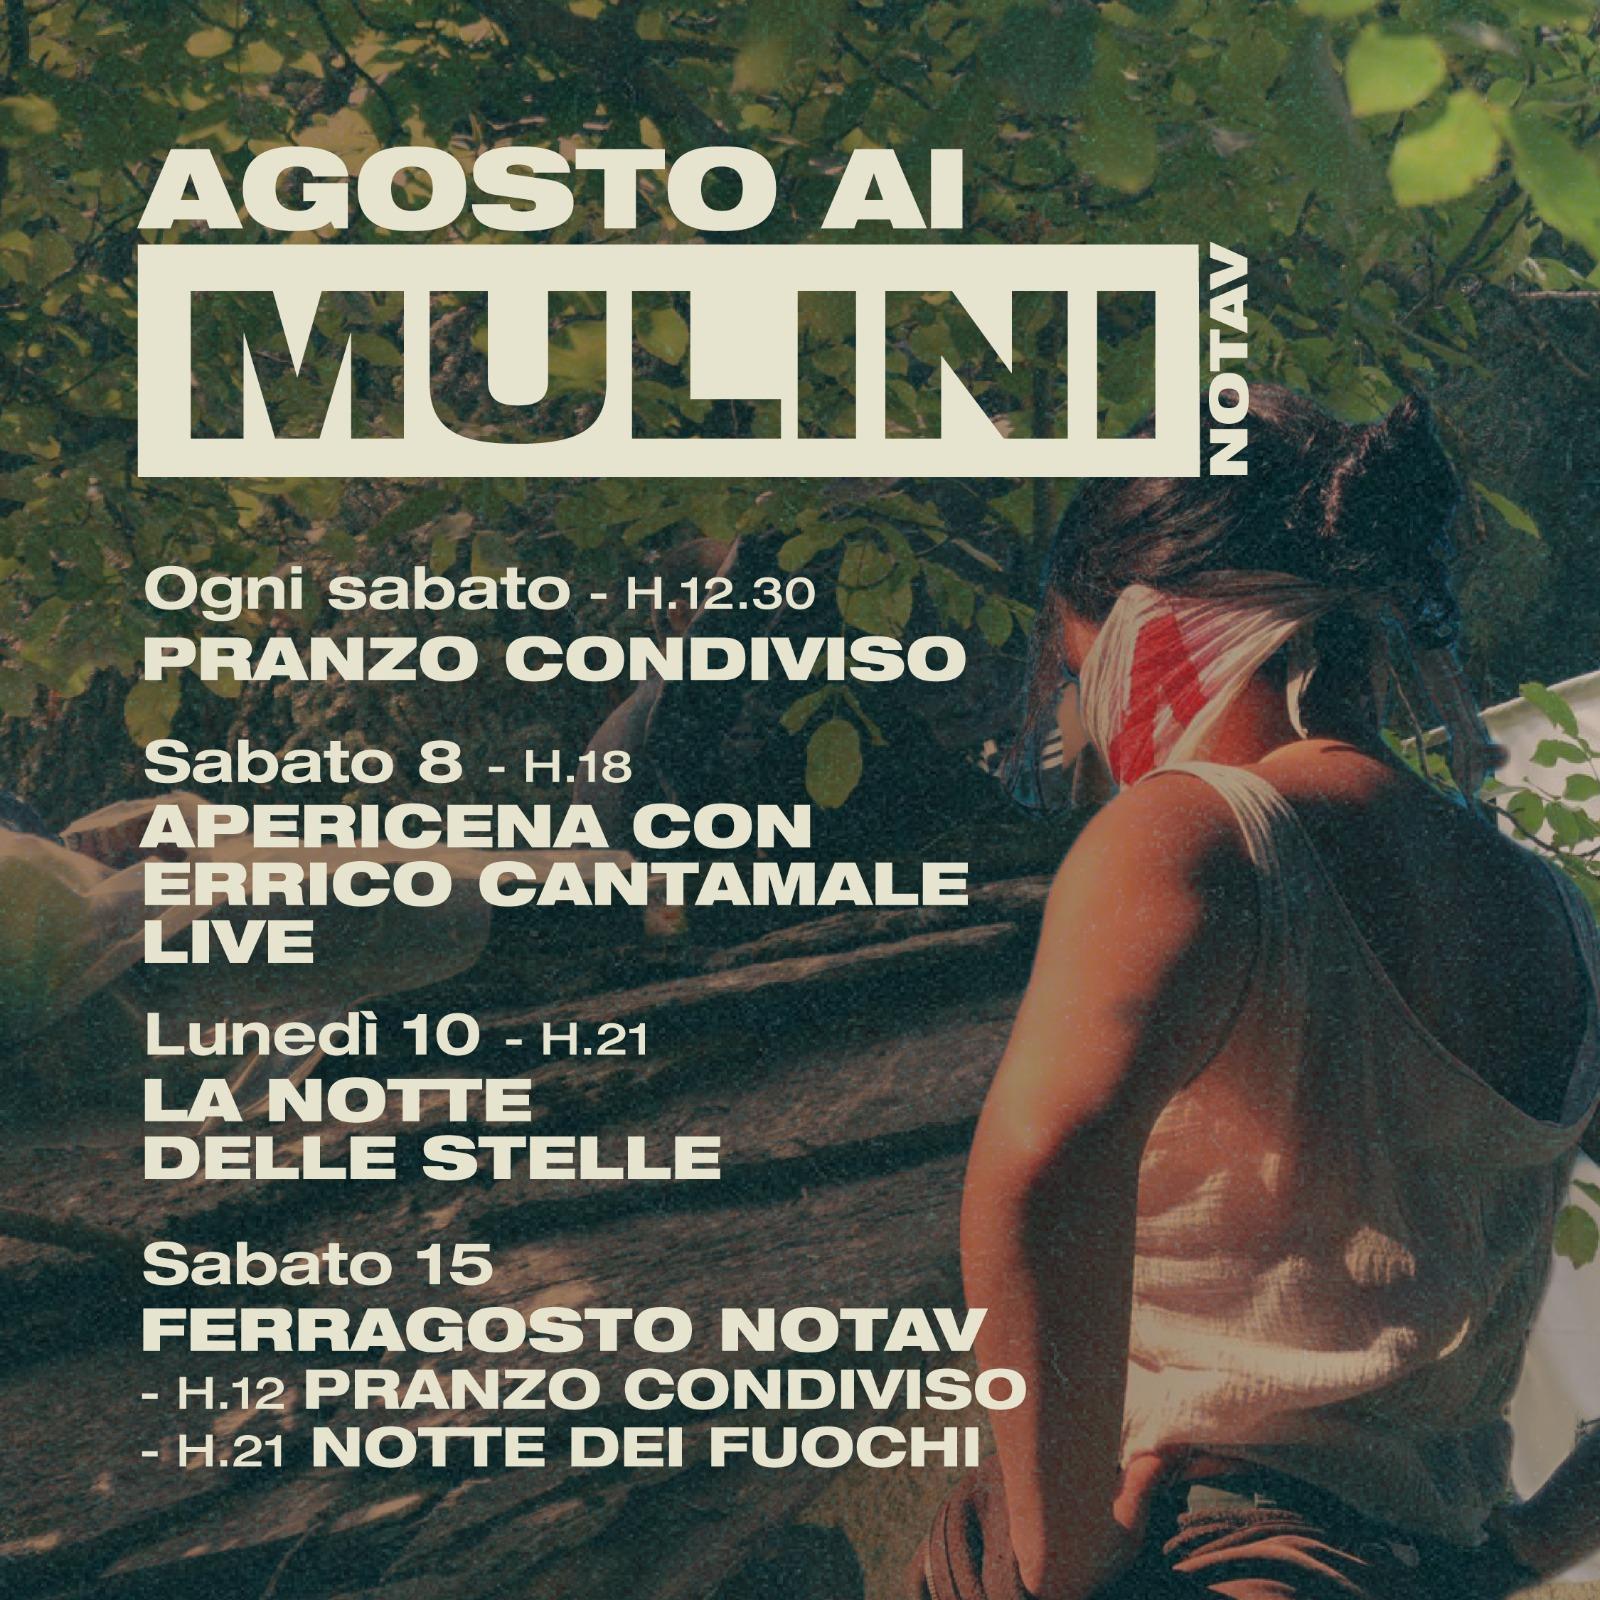 Agosto ai Mulini! Programma delle iniziative